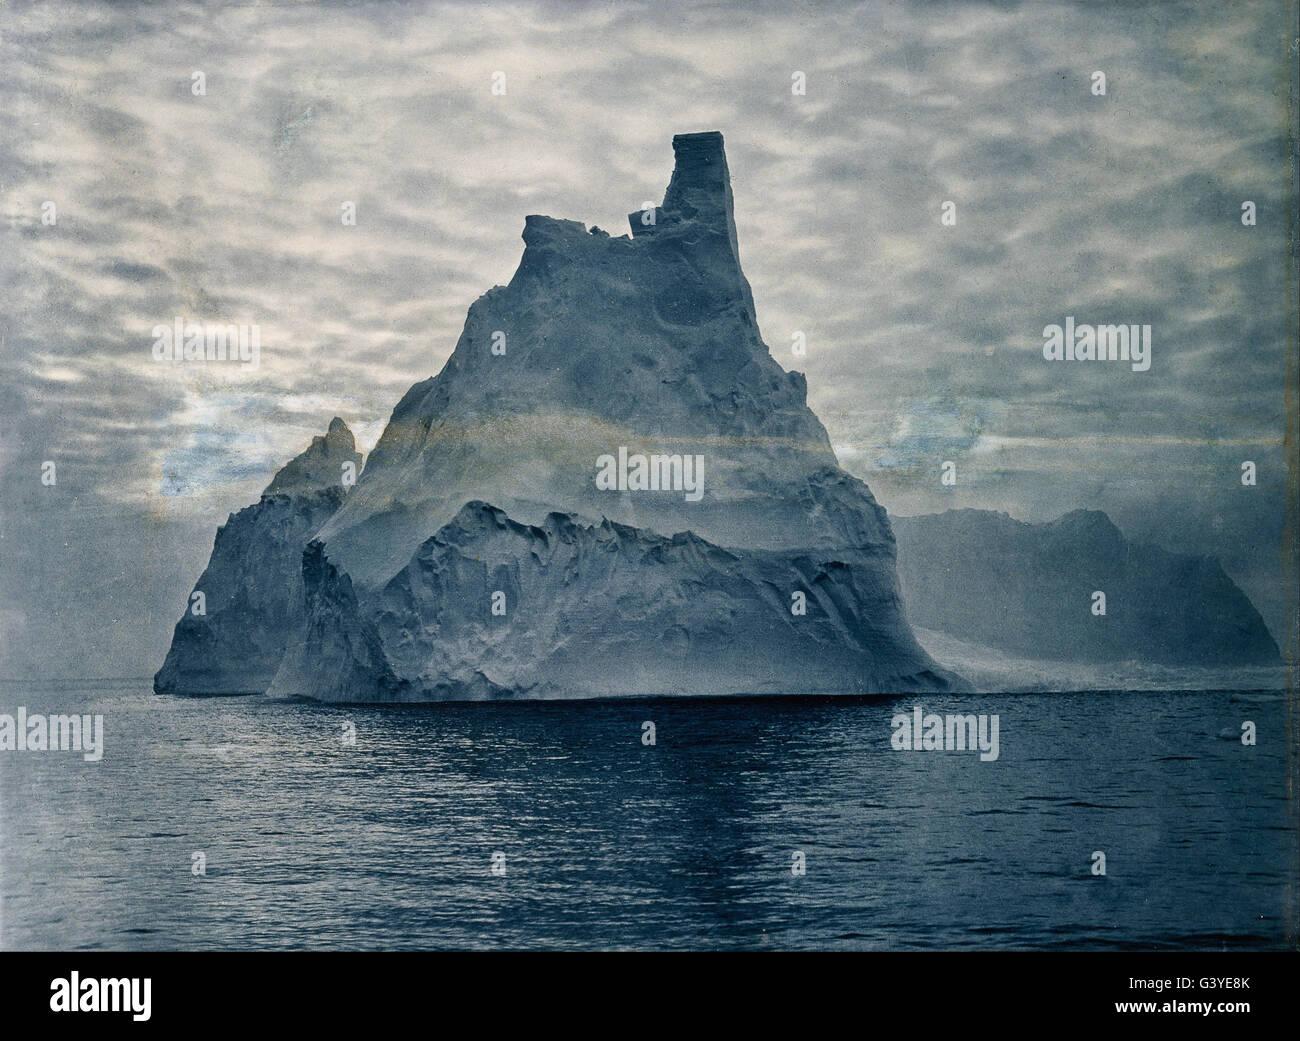 Frank Hurley - ohne Titel (Türmen Berg) Stockbild